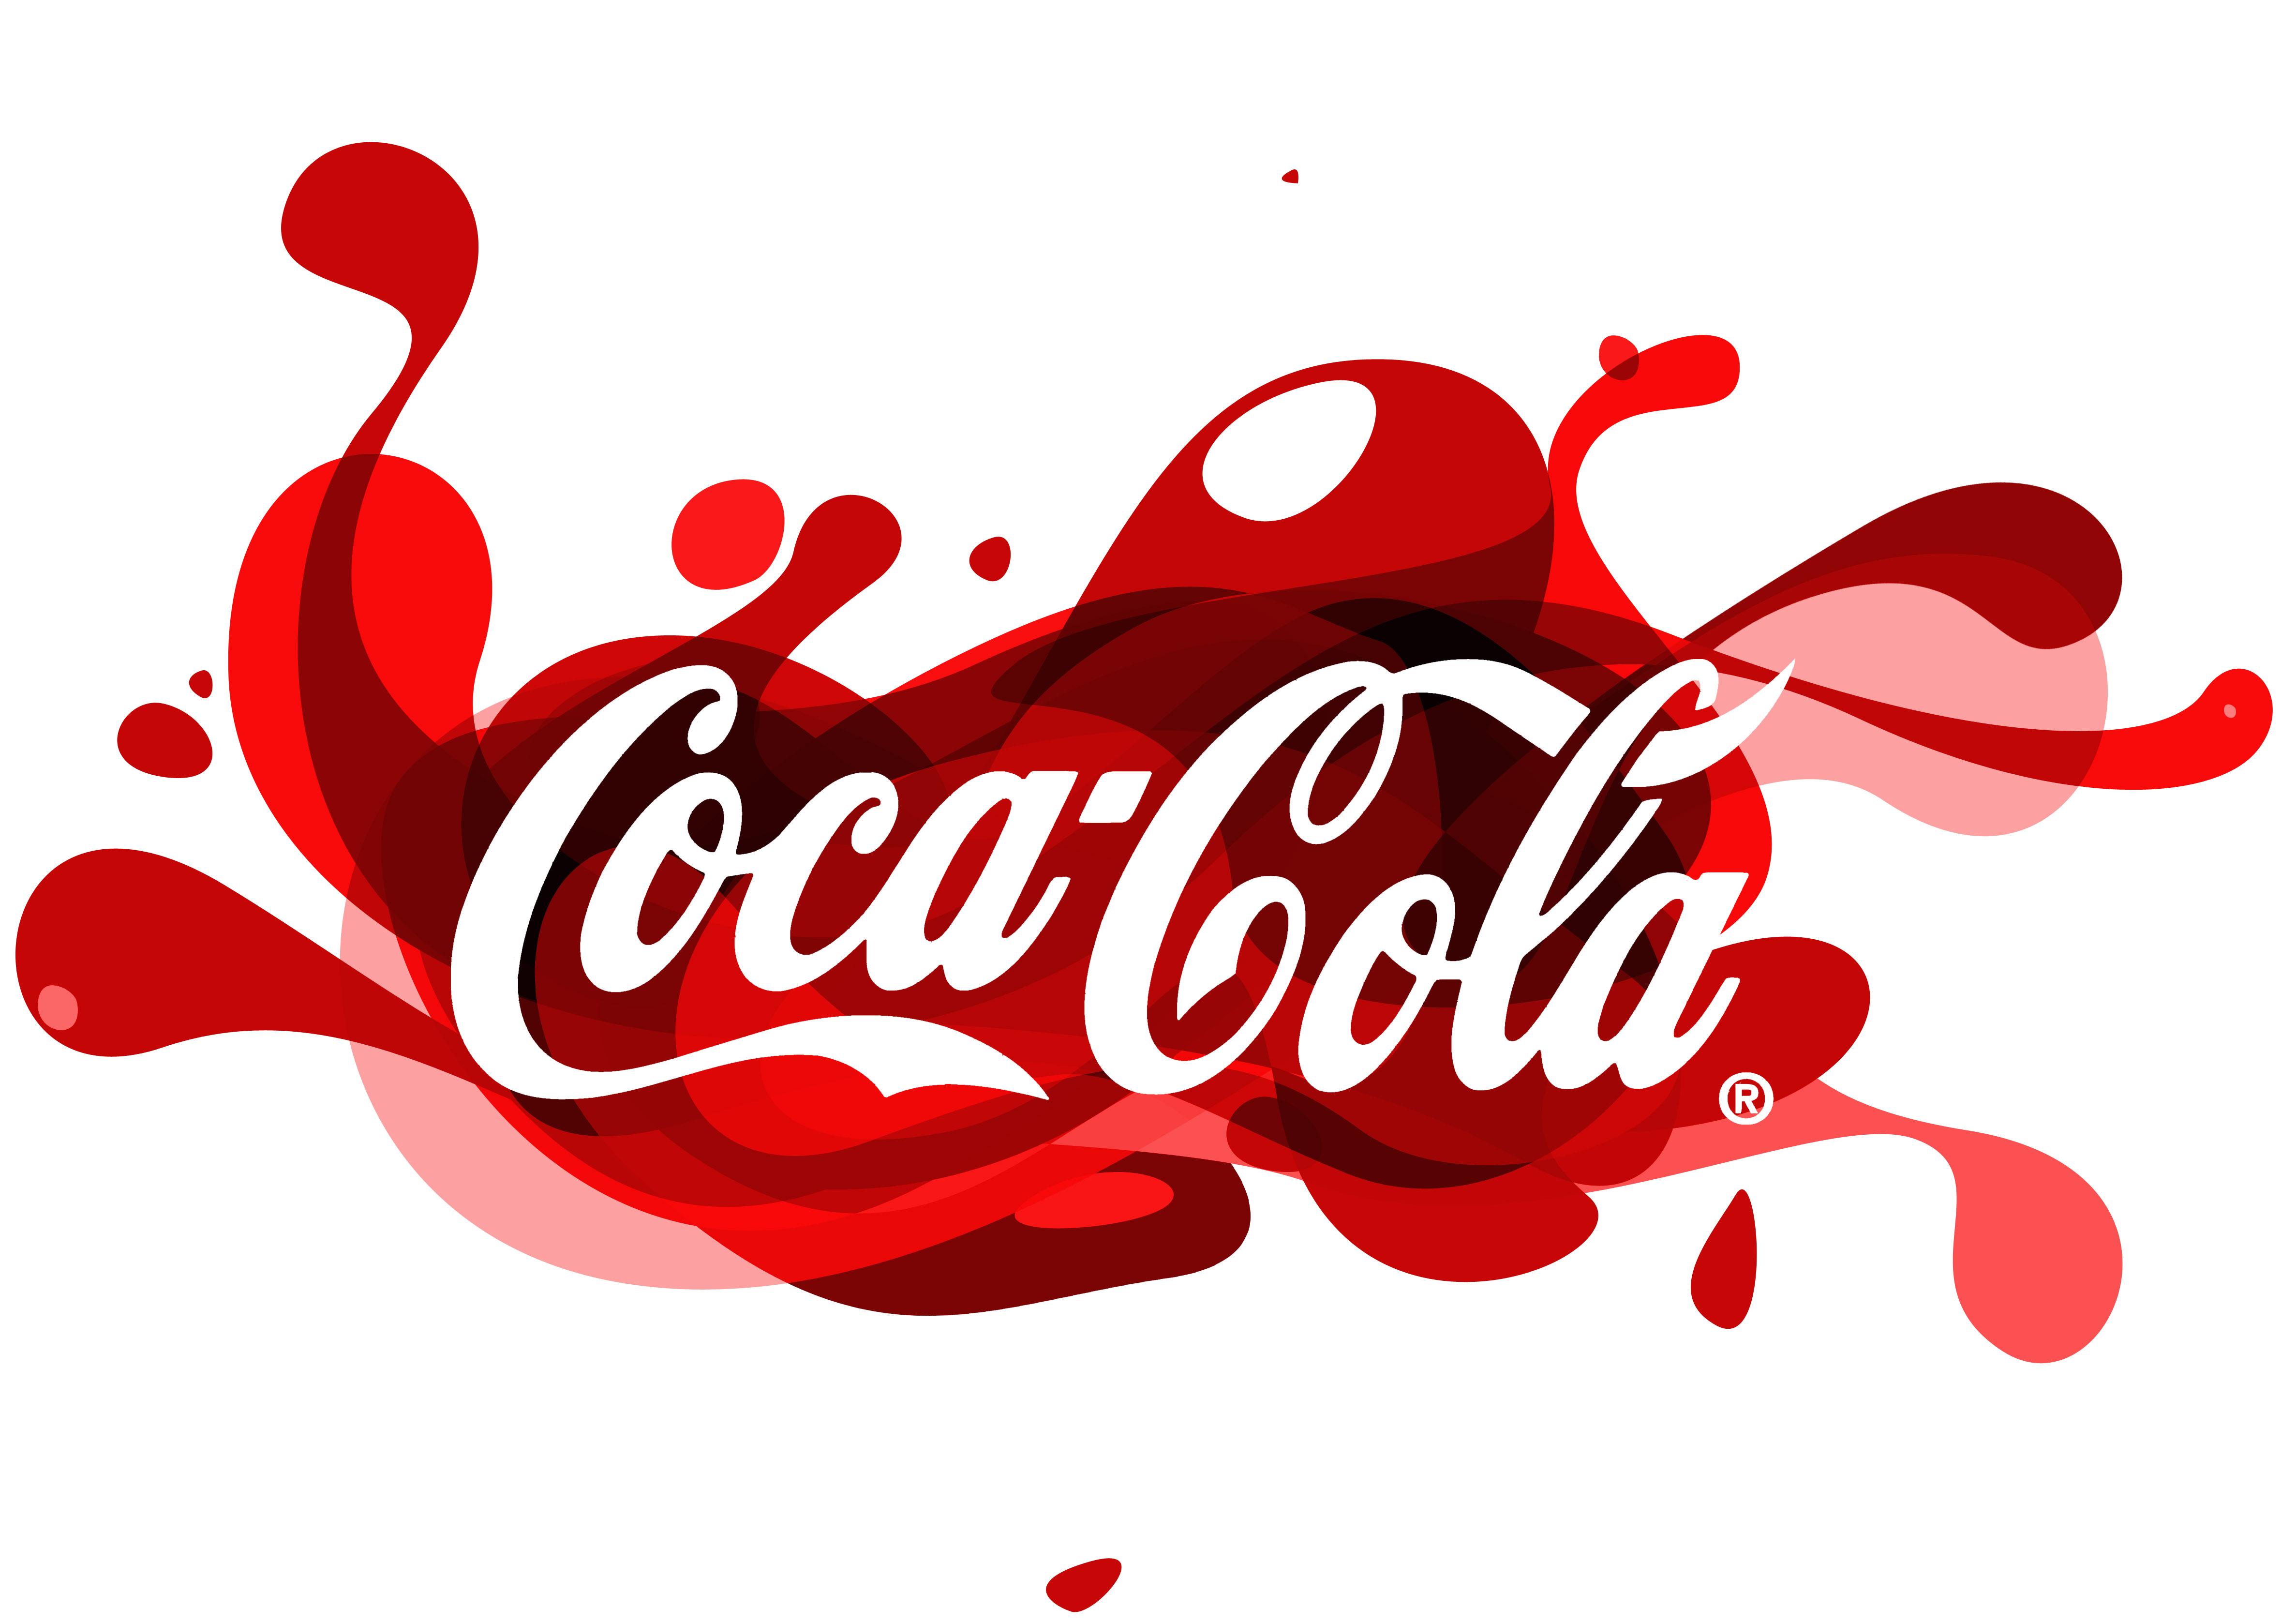 Международный скандал с Coca-cola ... Мы получили бесценный опыт но проиграли